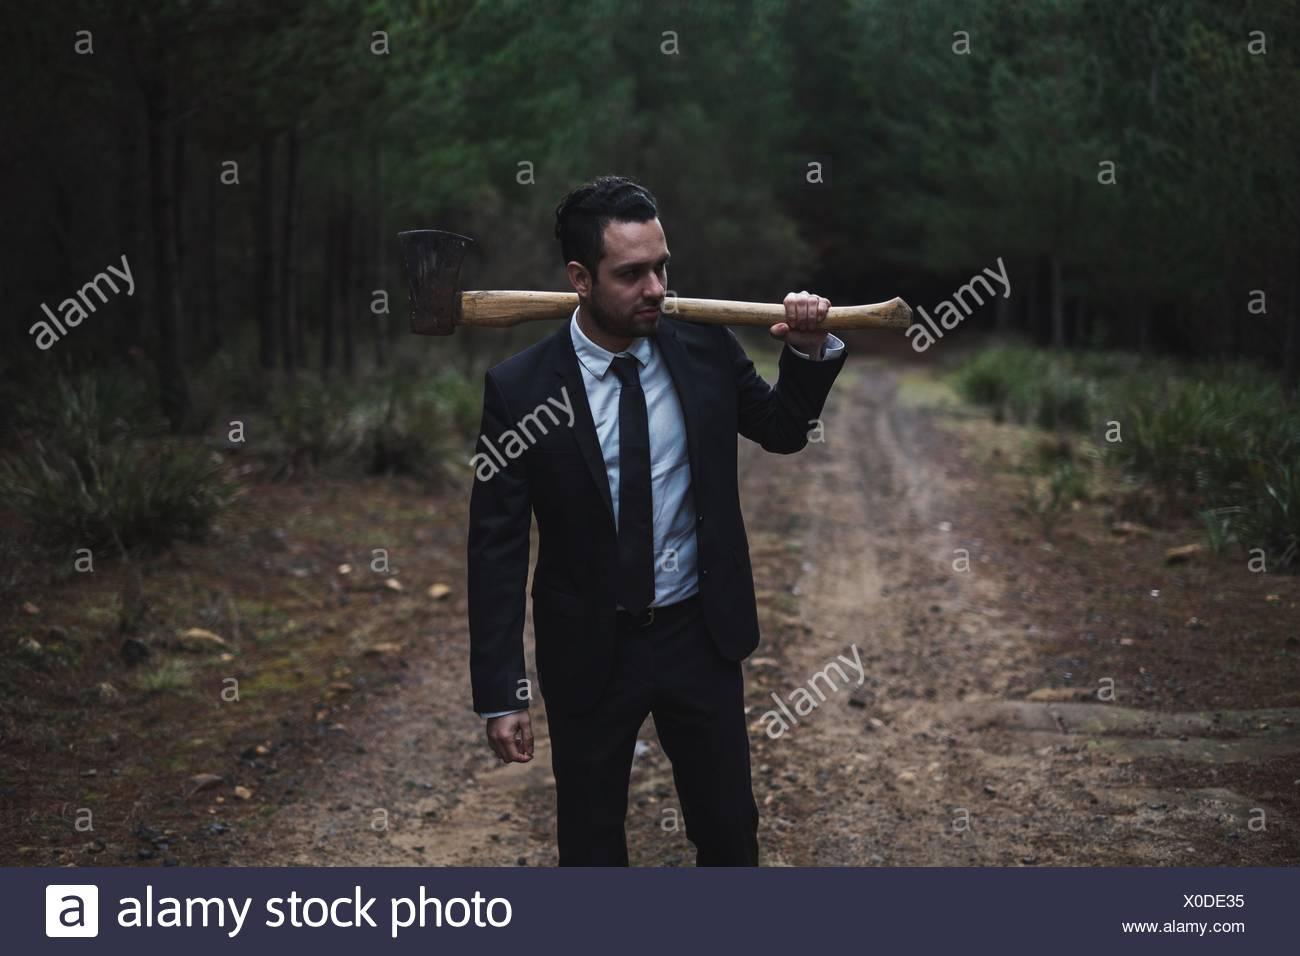 Junger Geschäftsmann mit Axt auf Feldweg im Wald stehen Stockbild